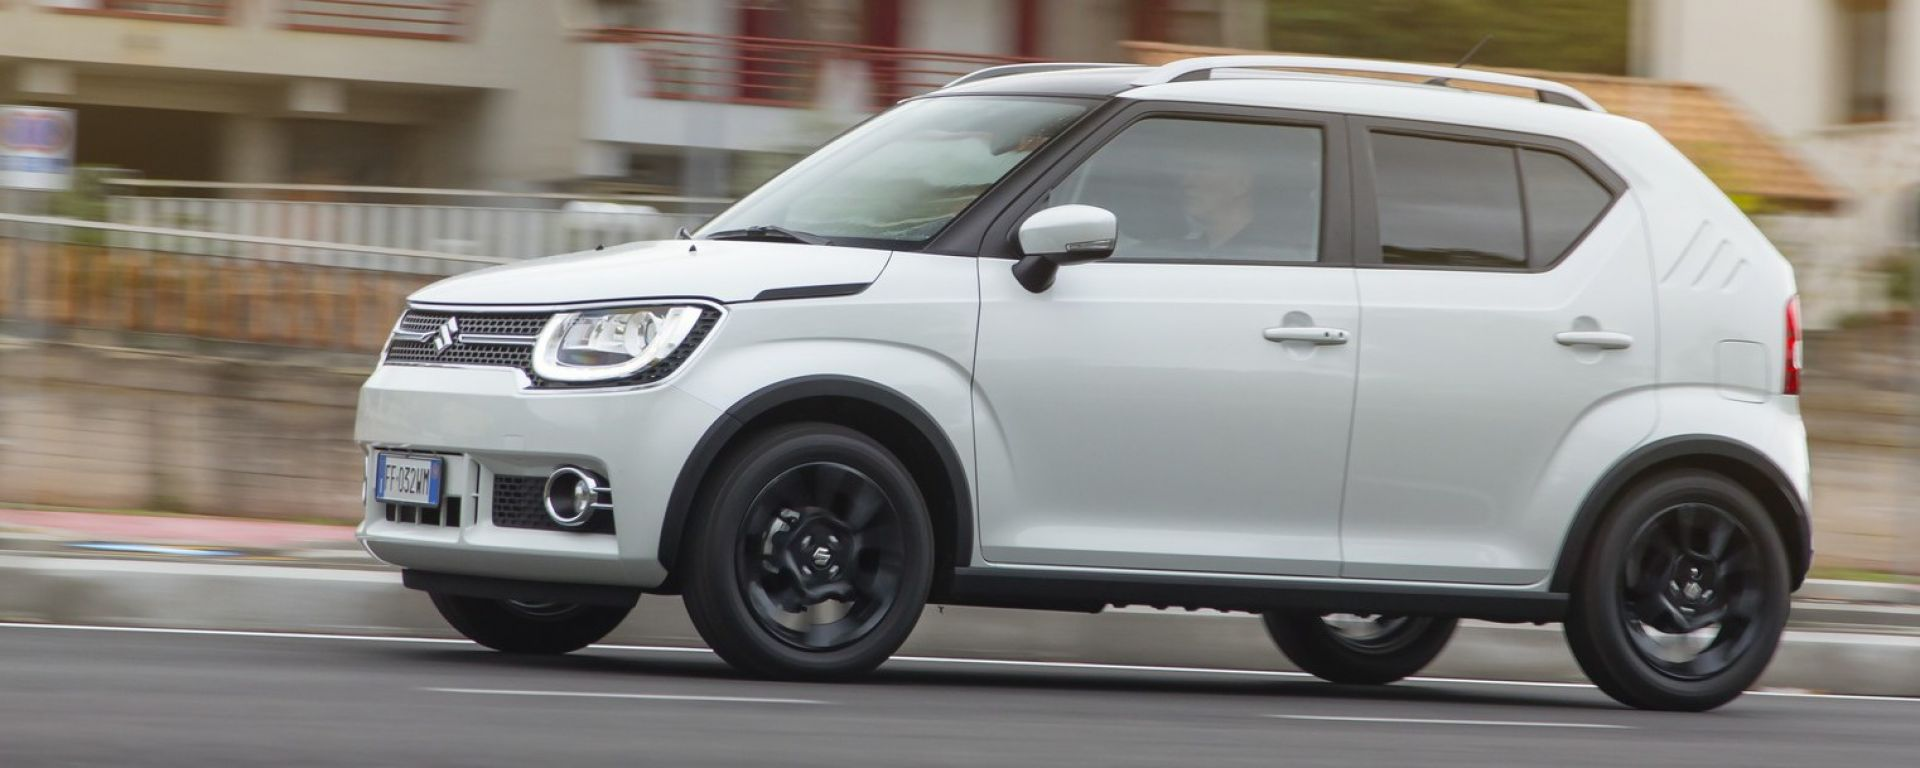 Suzuki Ignis: la prova della versione ibrida [VIDEO]